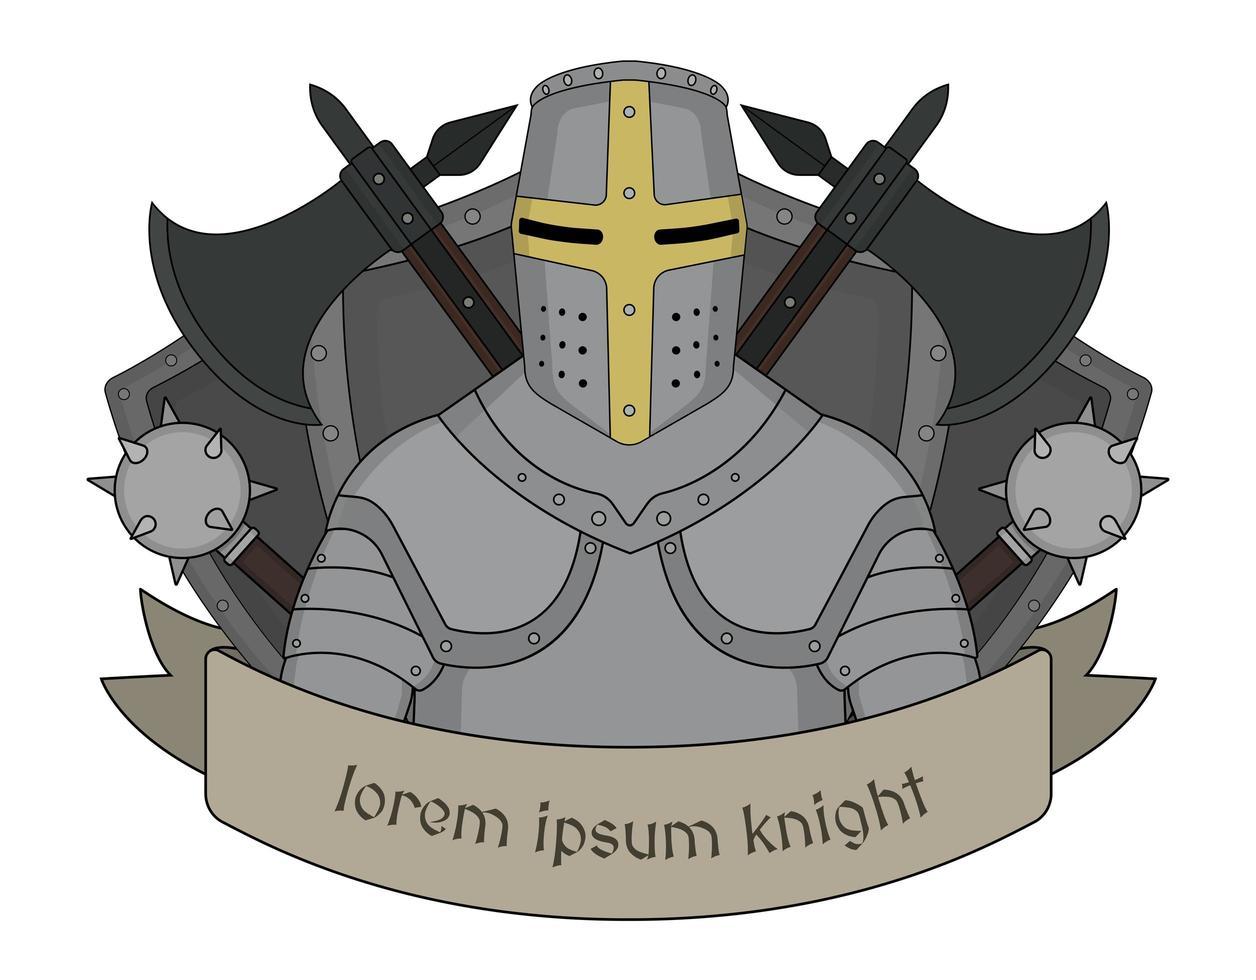 emblème de chevalier médiéval vecteur